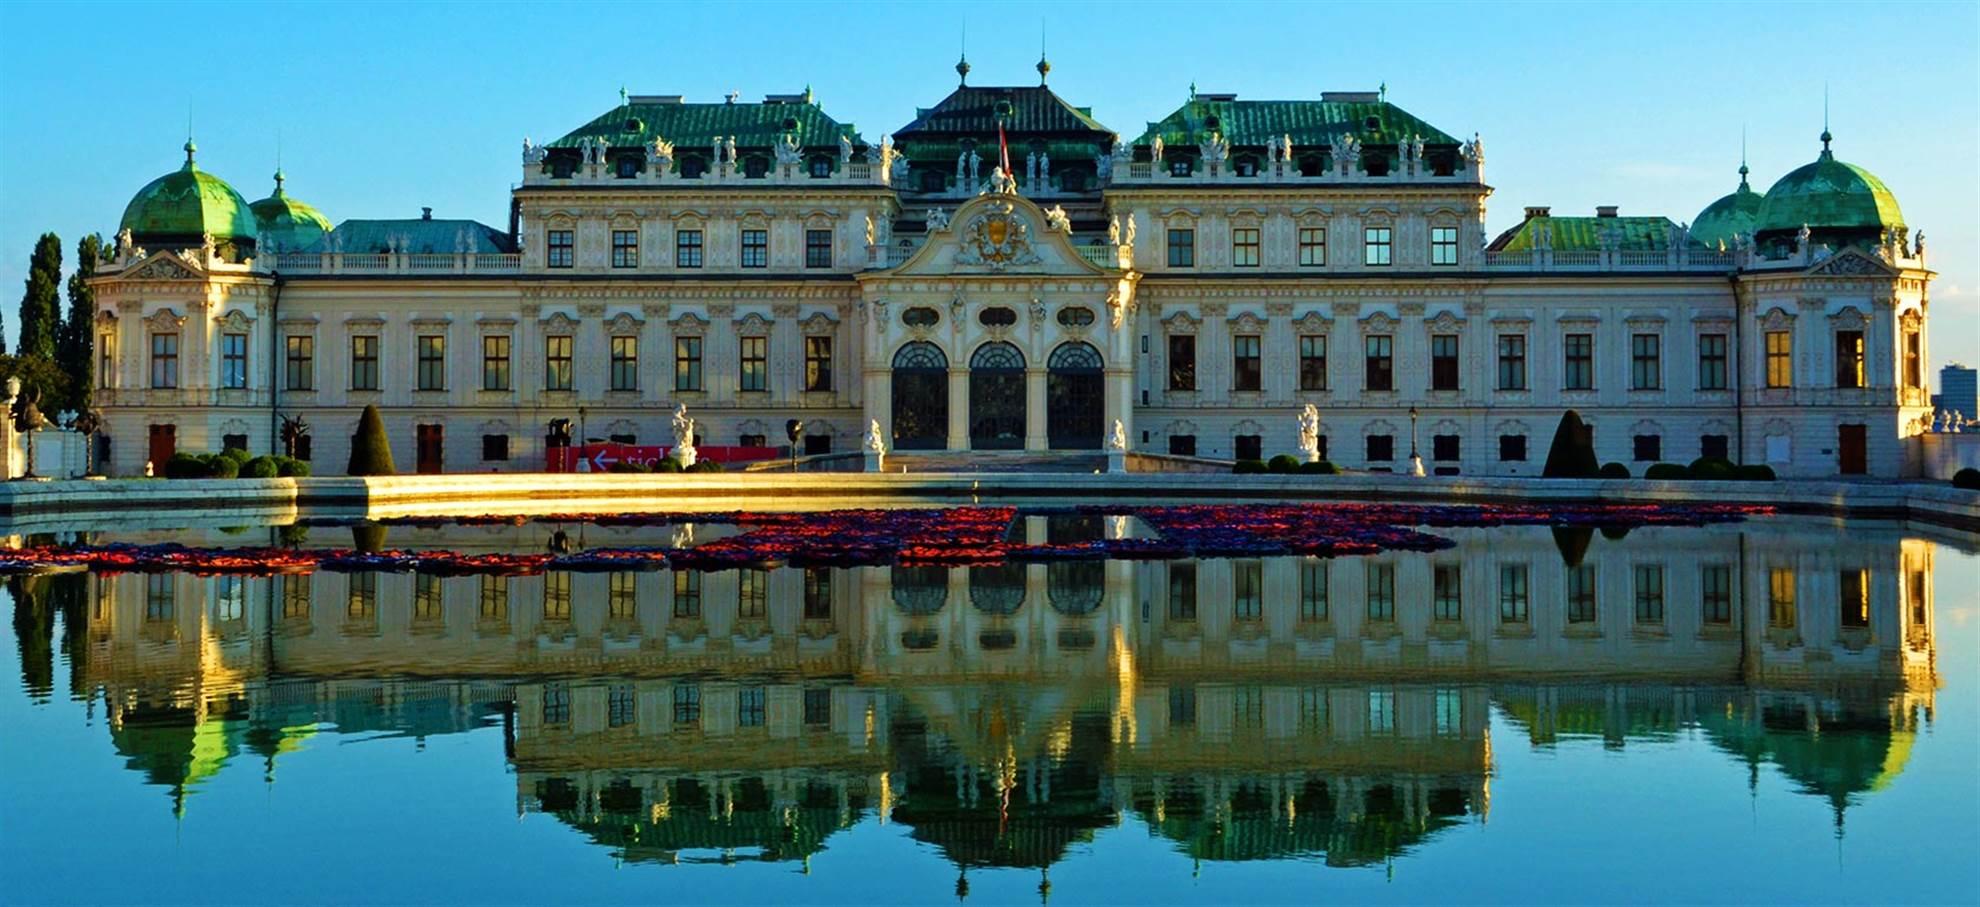 Musée et palais de Belvedere